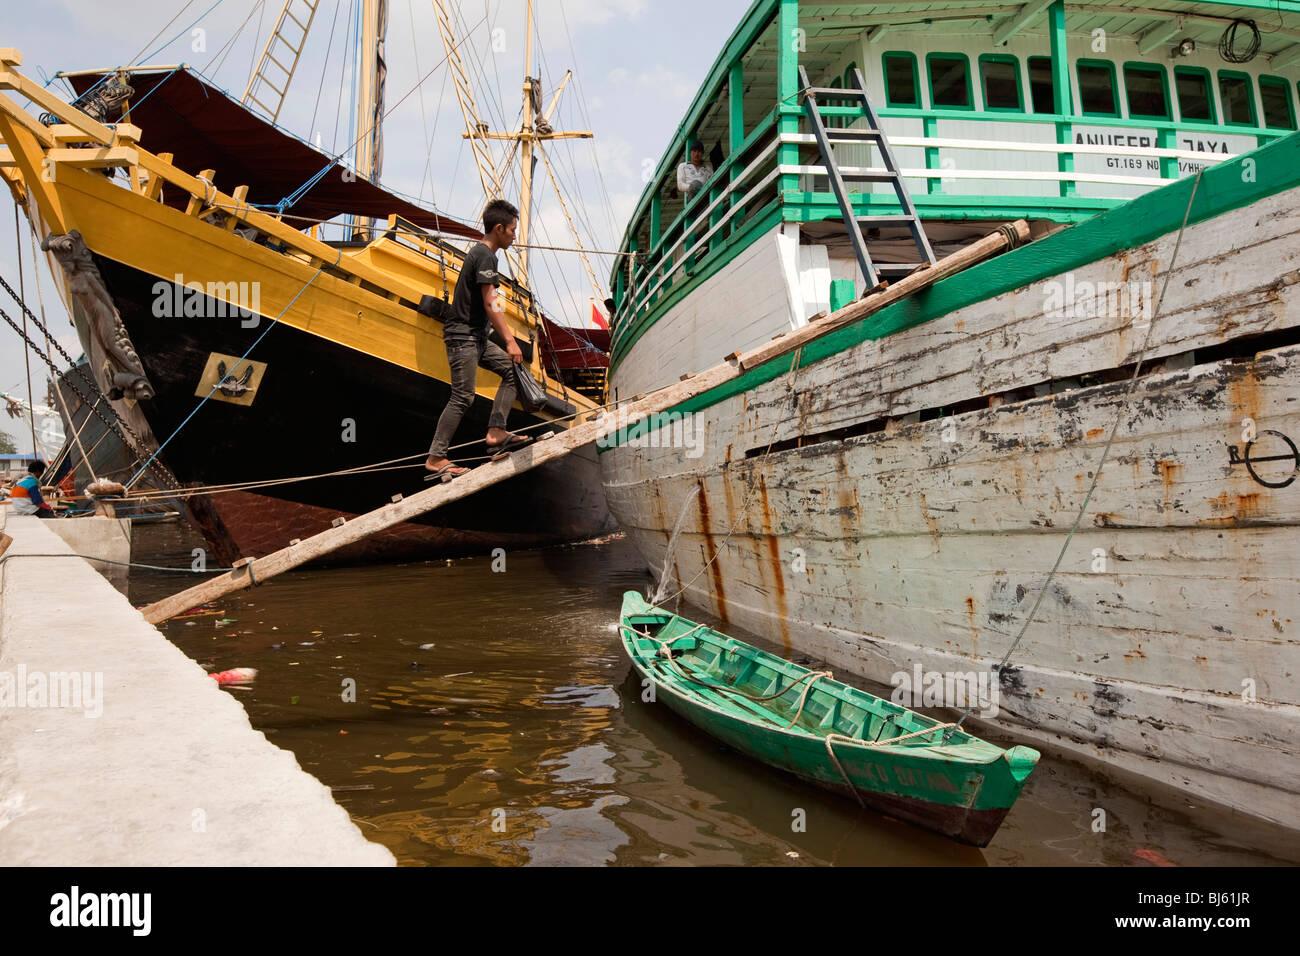 Indonesia, Java, Jakarta, Sunda Kelapa, worker walking up wooden sailing cargo boat gangplank - Stock Image